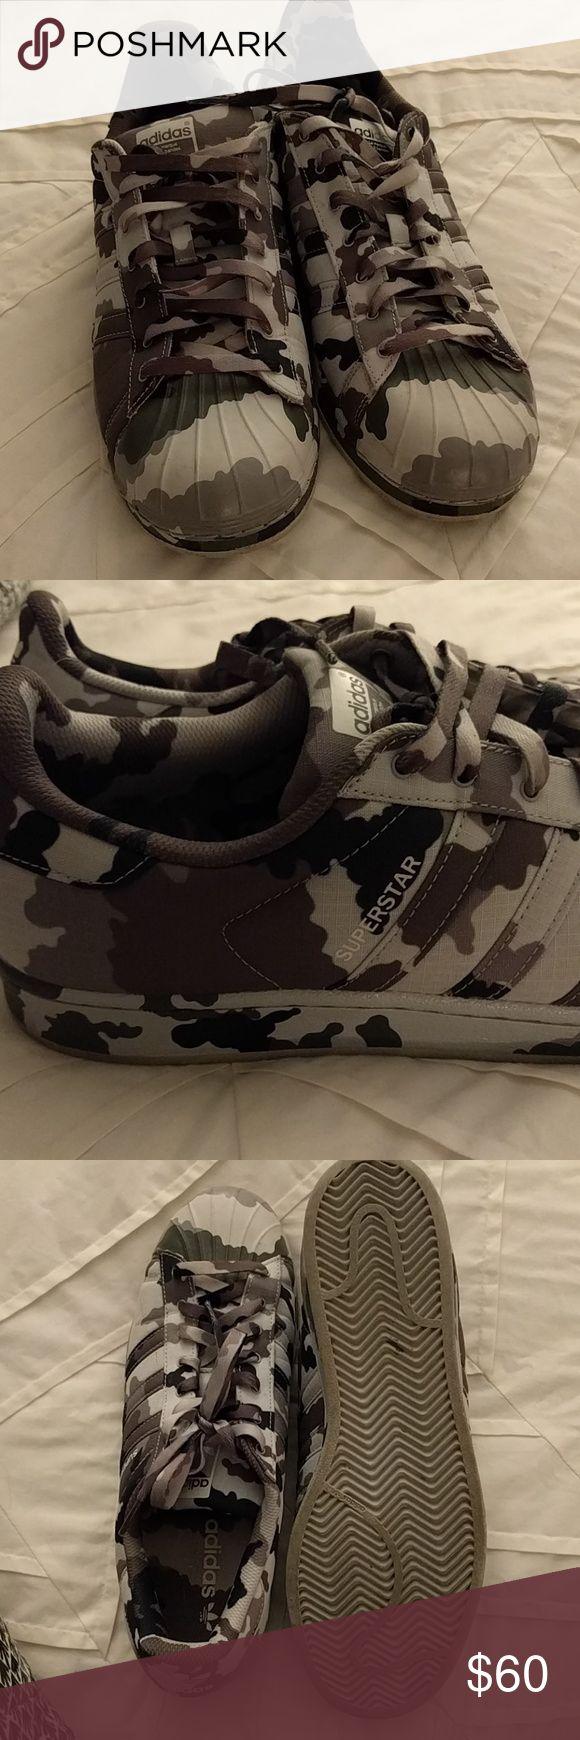 Adidas camo Superstars mens 11 Adidas camo Superstars mens 11 worn 3 times Adidas Shoes Athletic Shoes